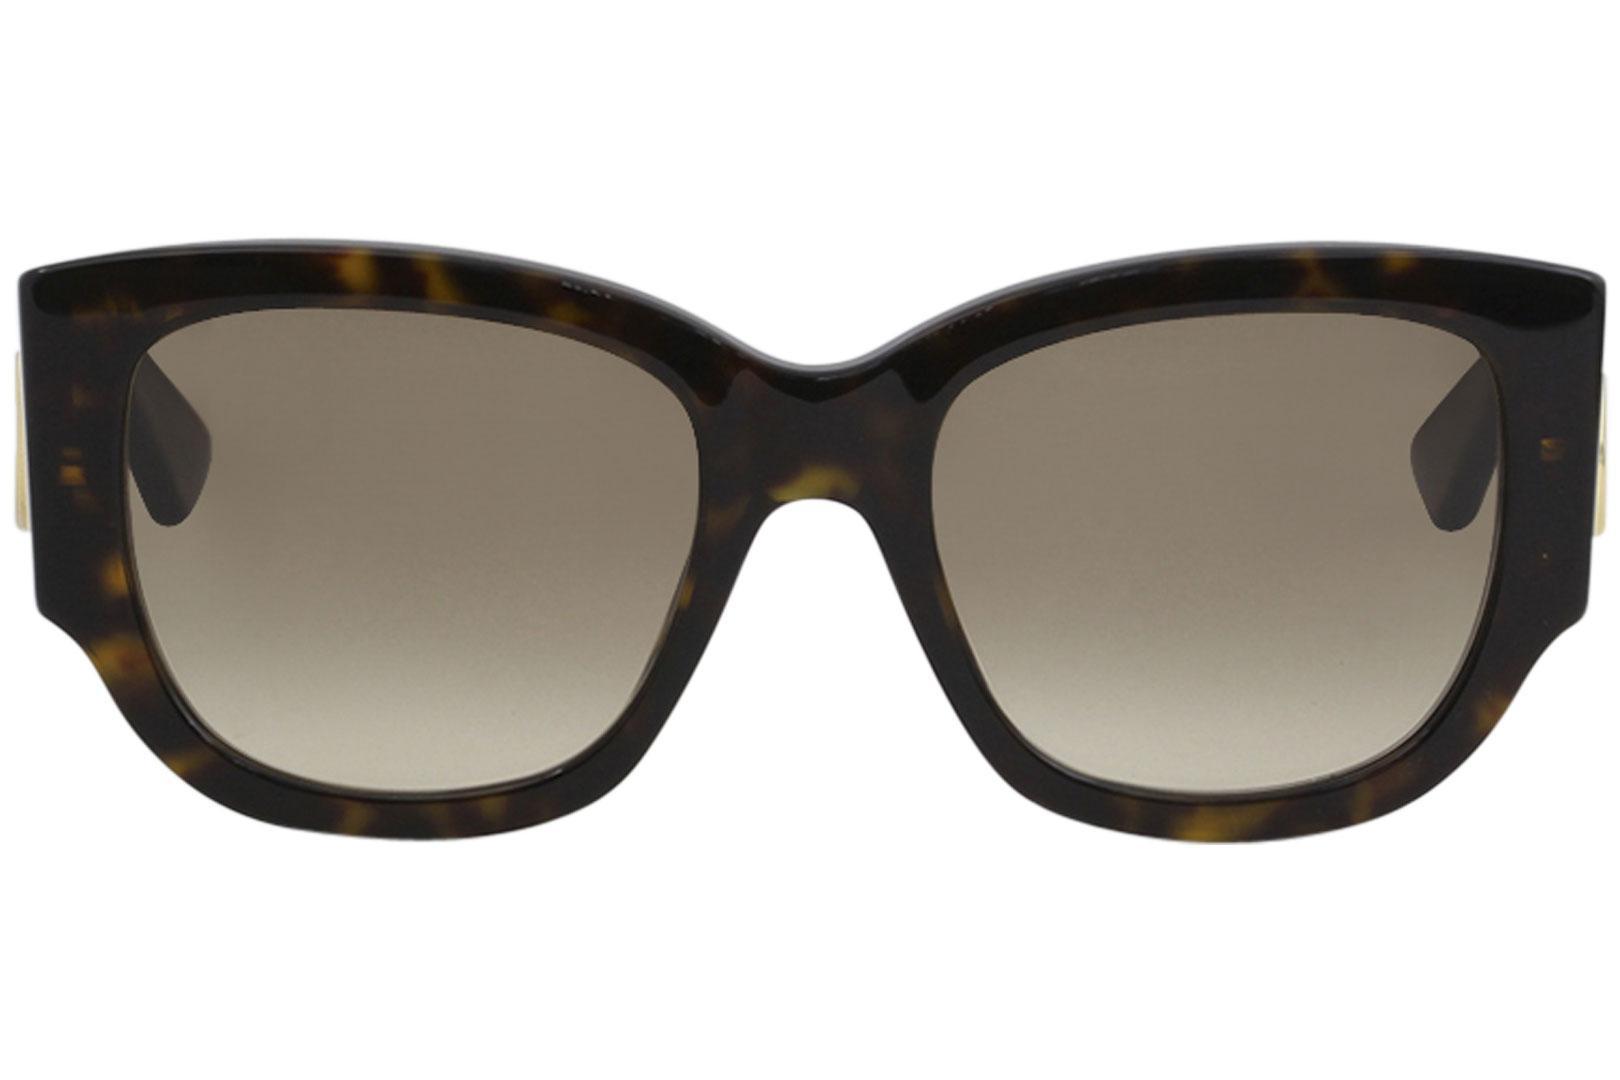 9200ff724 Gucci Women's GG0276S GG/0276/S Sensual Romantic Retro Square Sunglasses by  Gucci